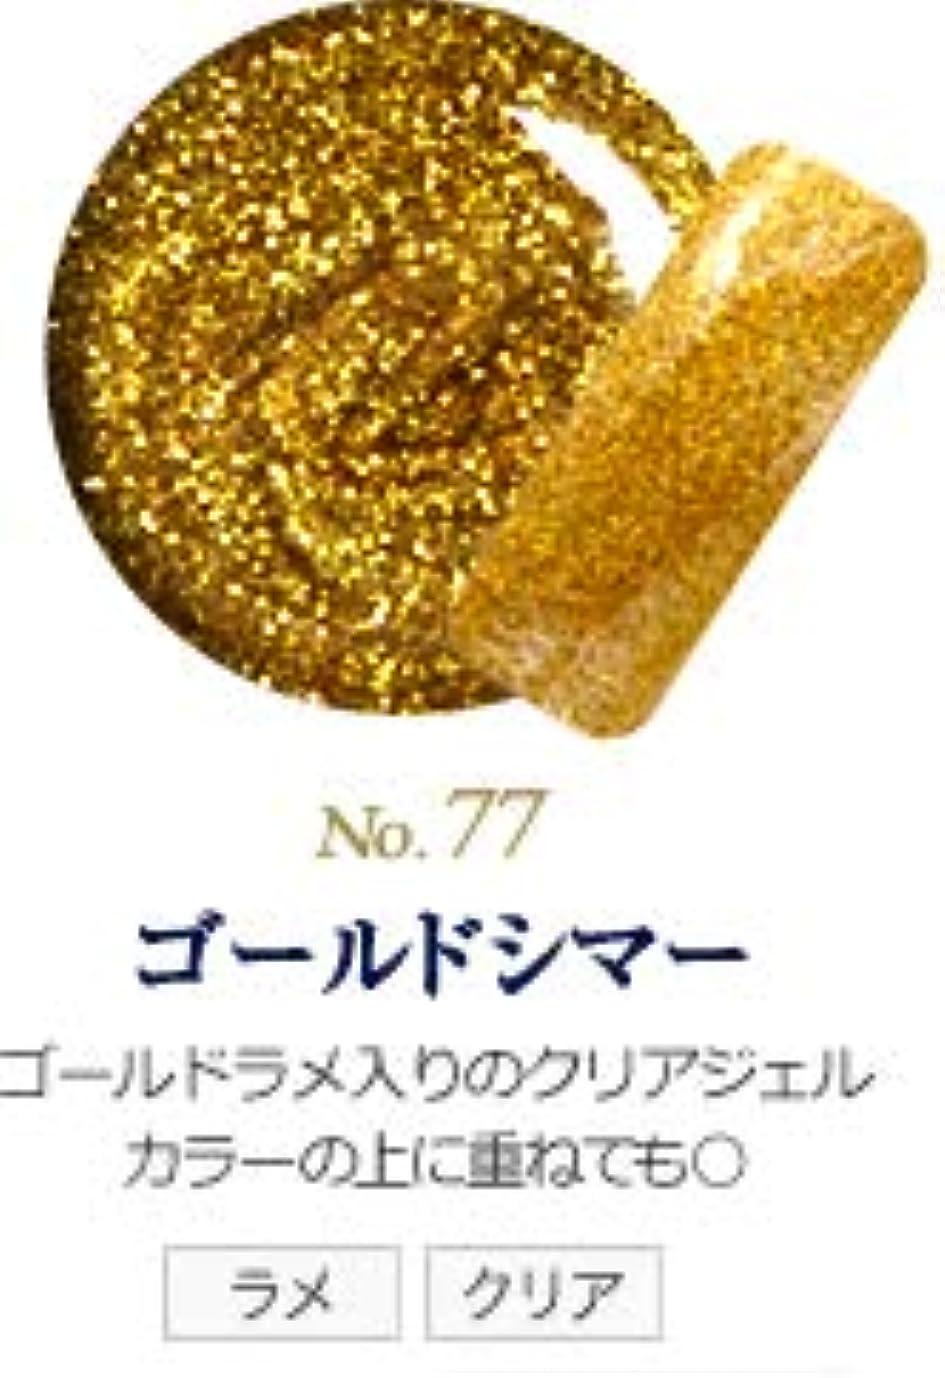 面倒無関心カンガルー発色抜群 削らなくてもオフが出来る 新グレースジェルカラーNo.11~No.209 (ゴールドシマ―)